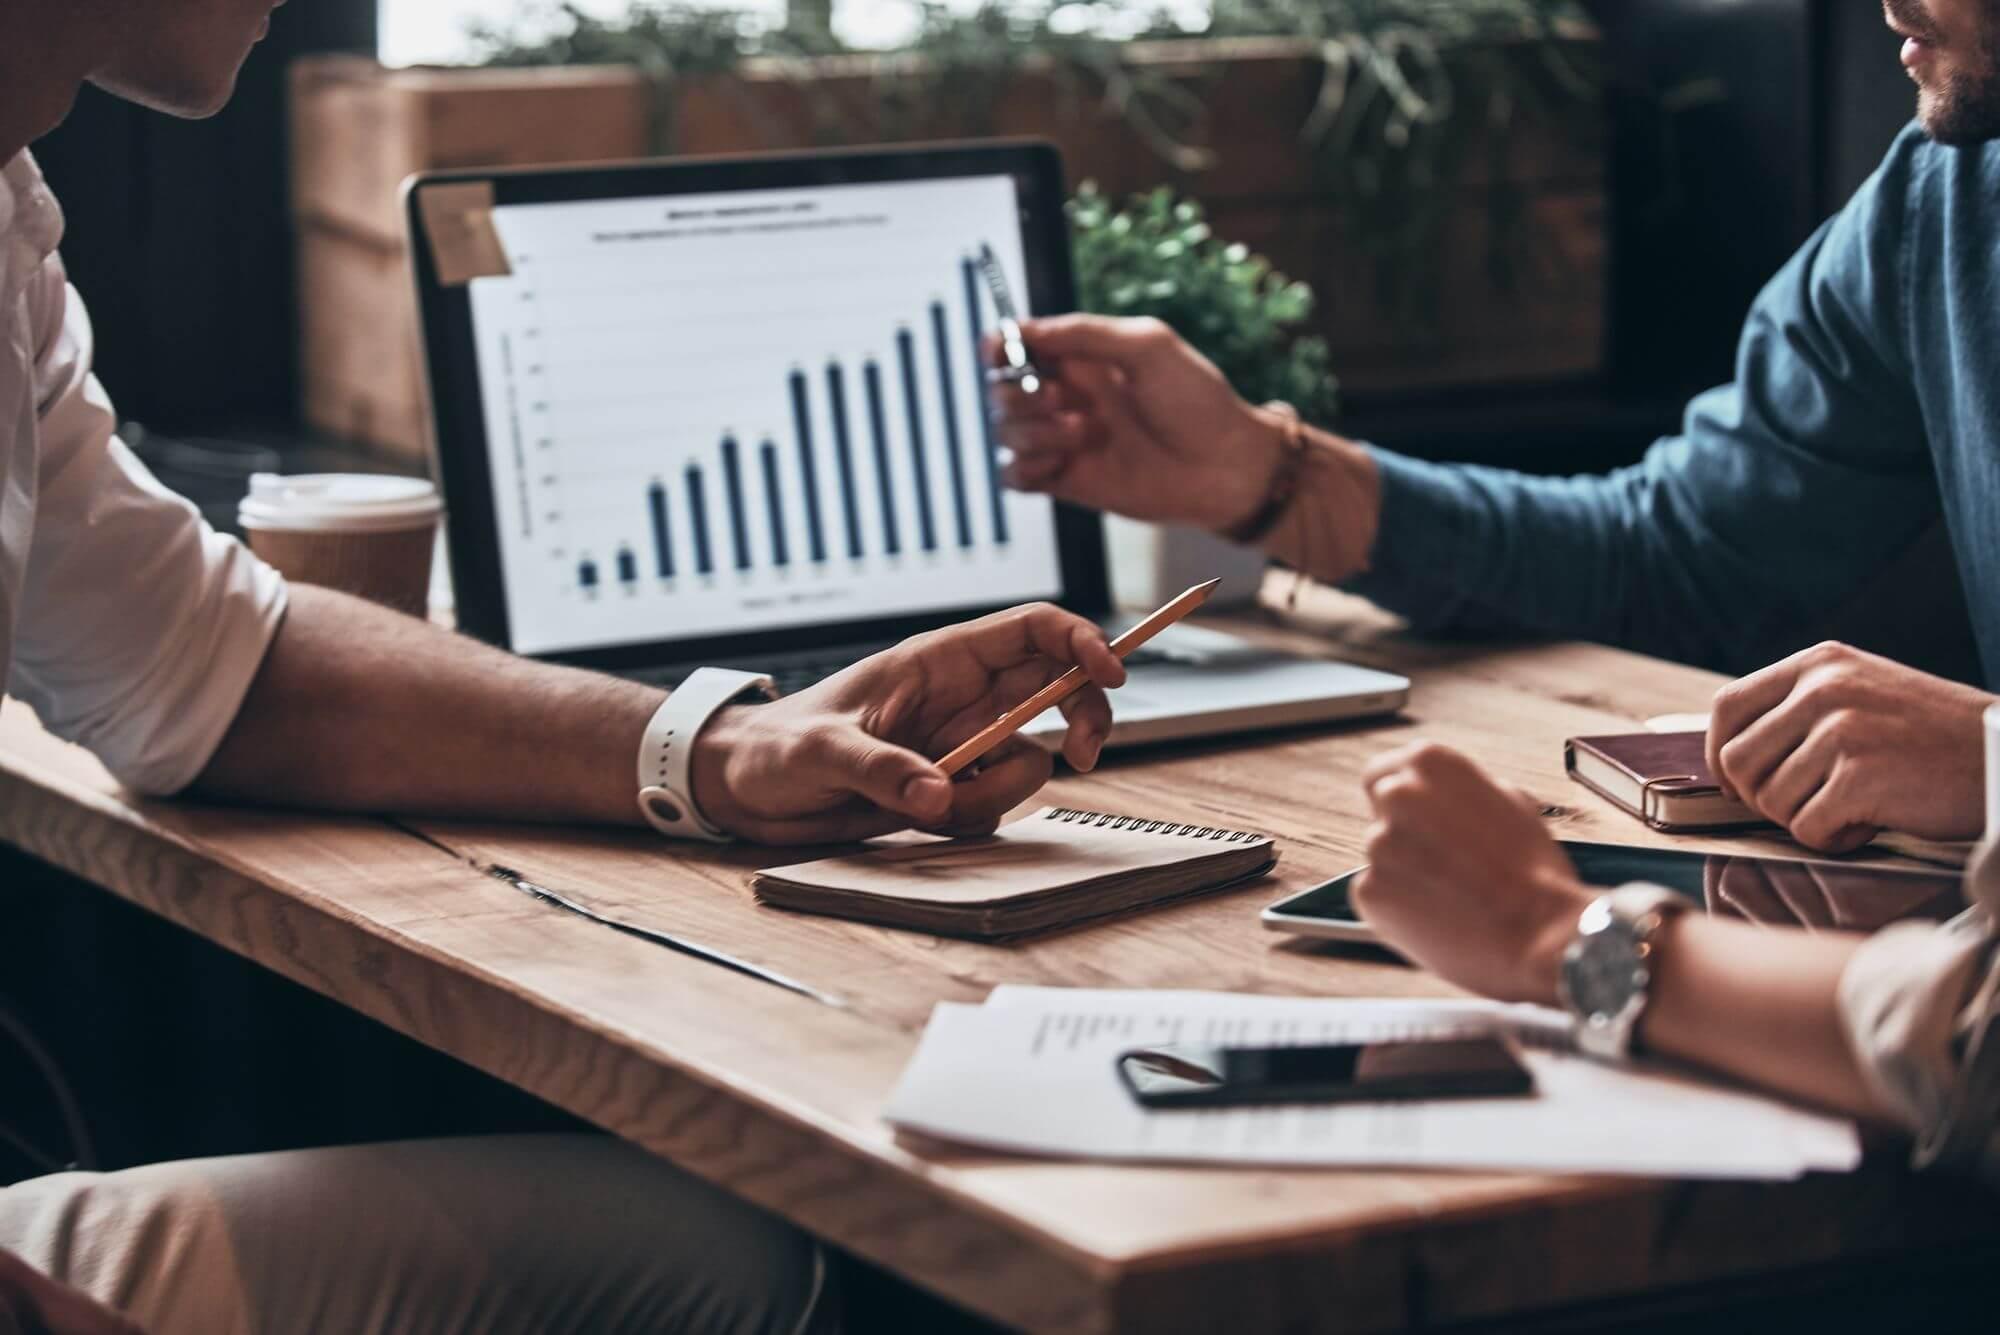 Conheça os 5 principais indicadores de desempenho para startups